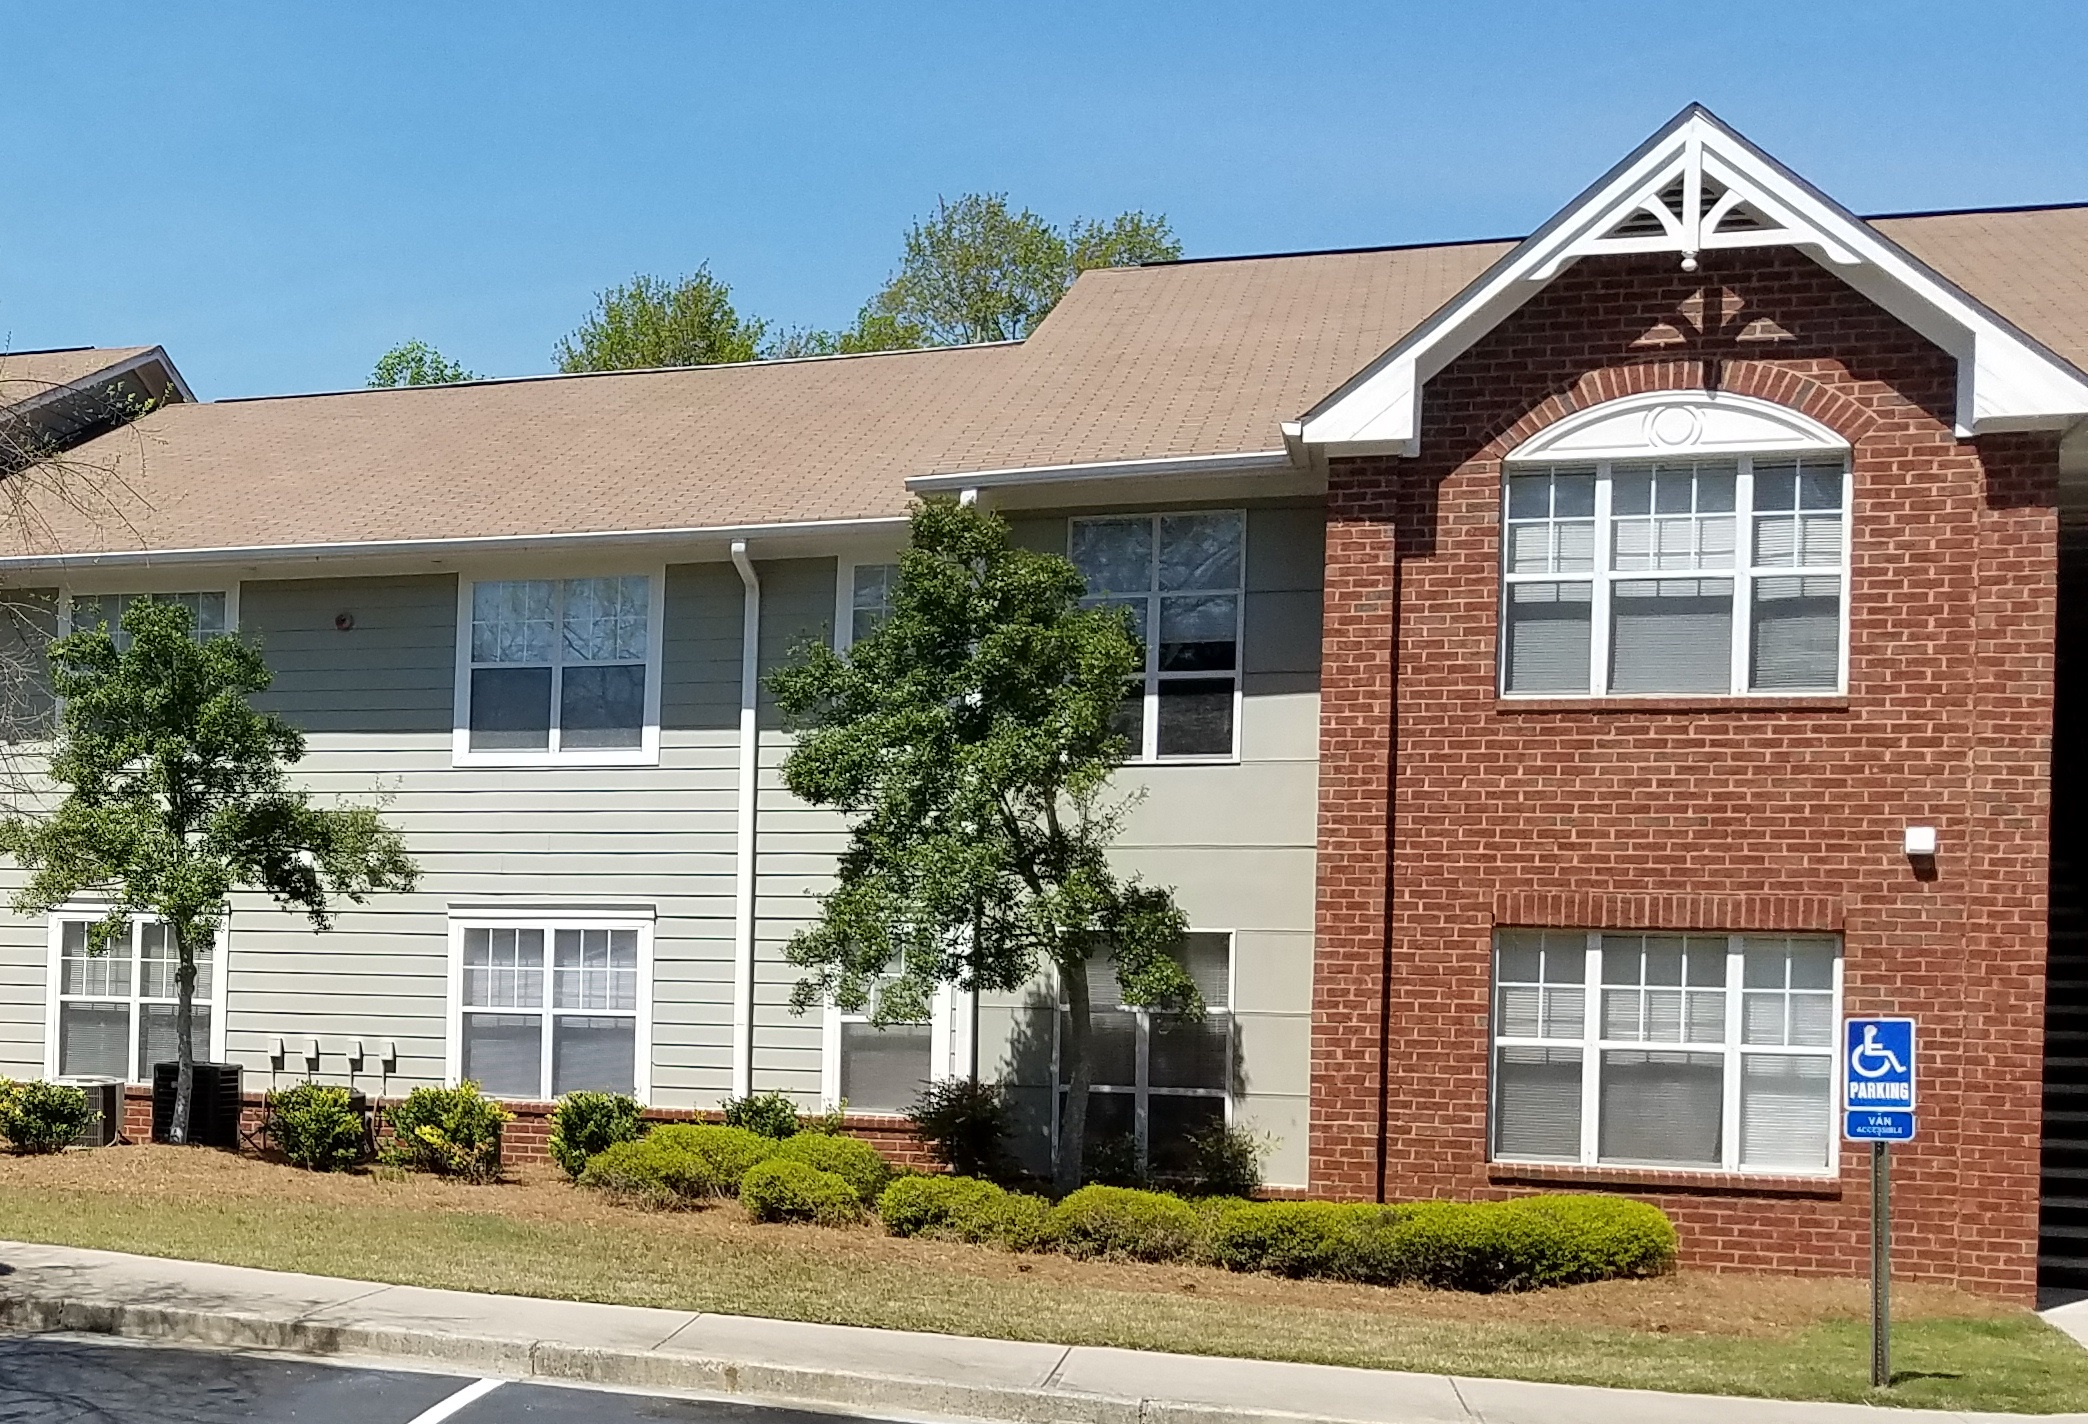 Dominium Acquires Mill Creek Place Apartments In Douglasville